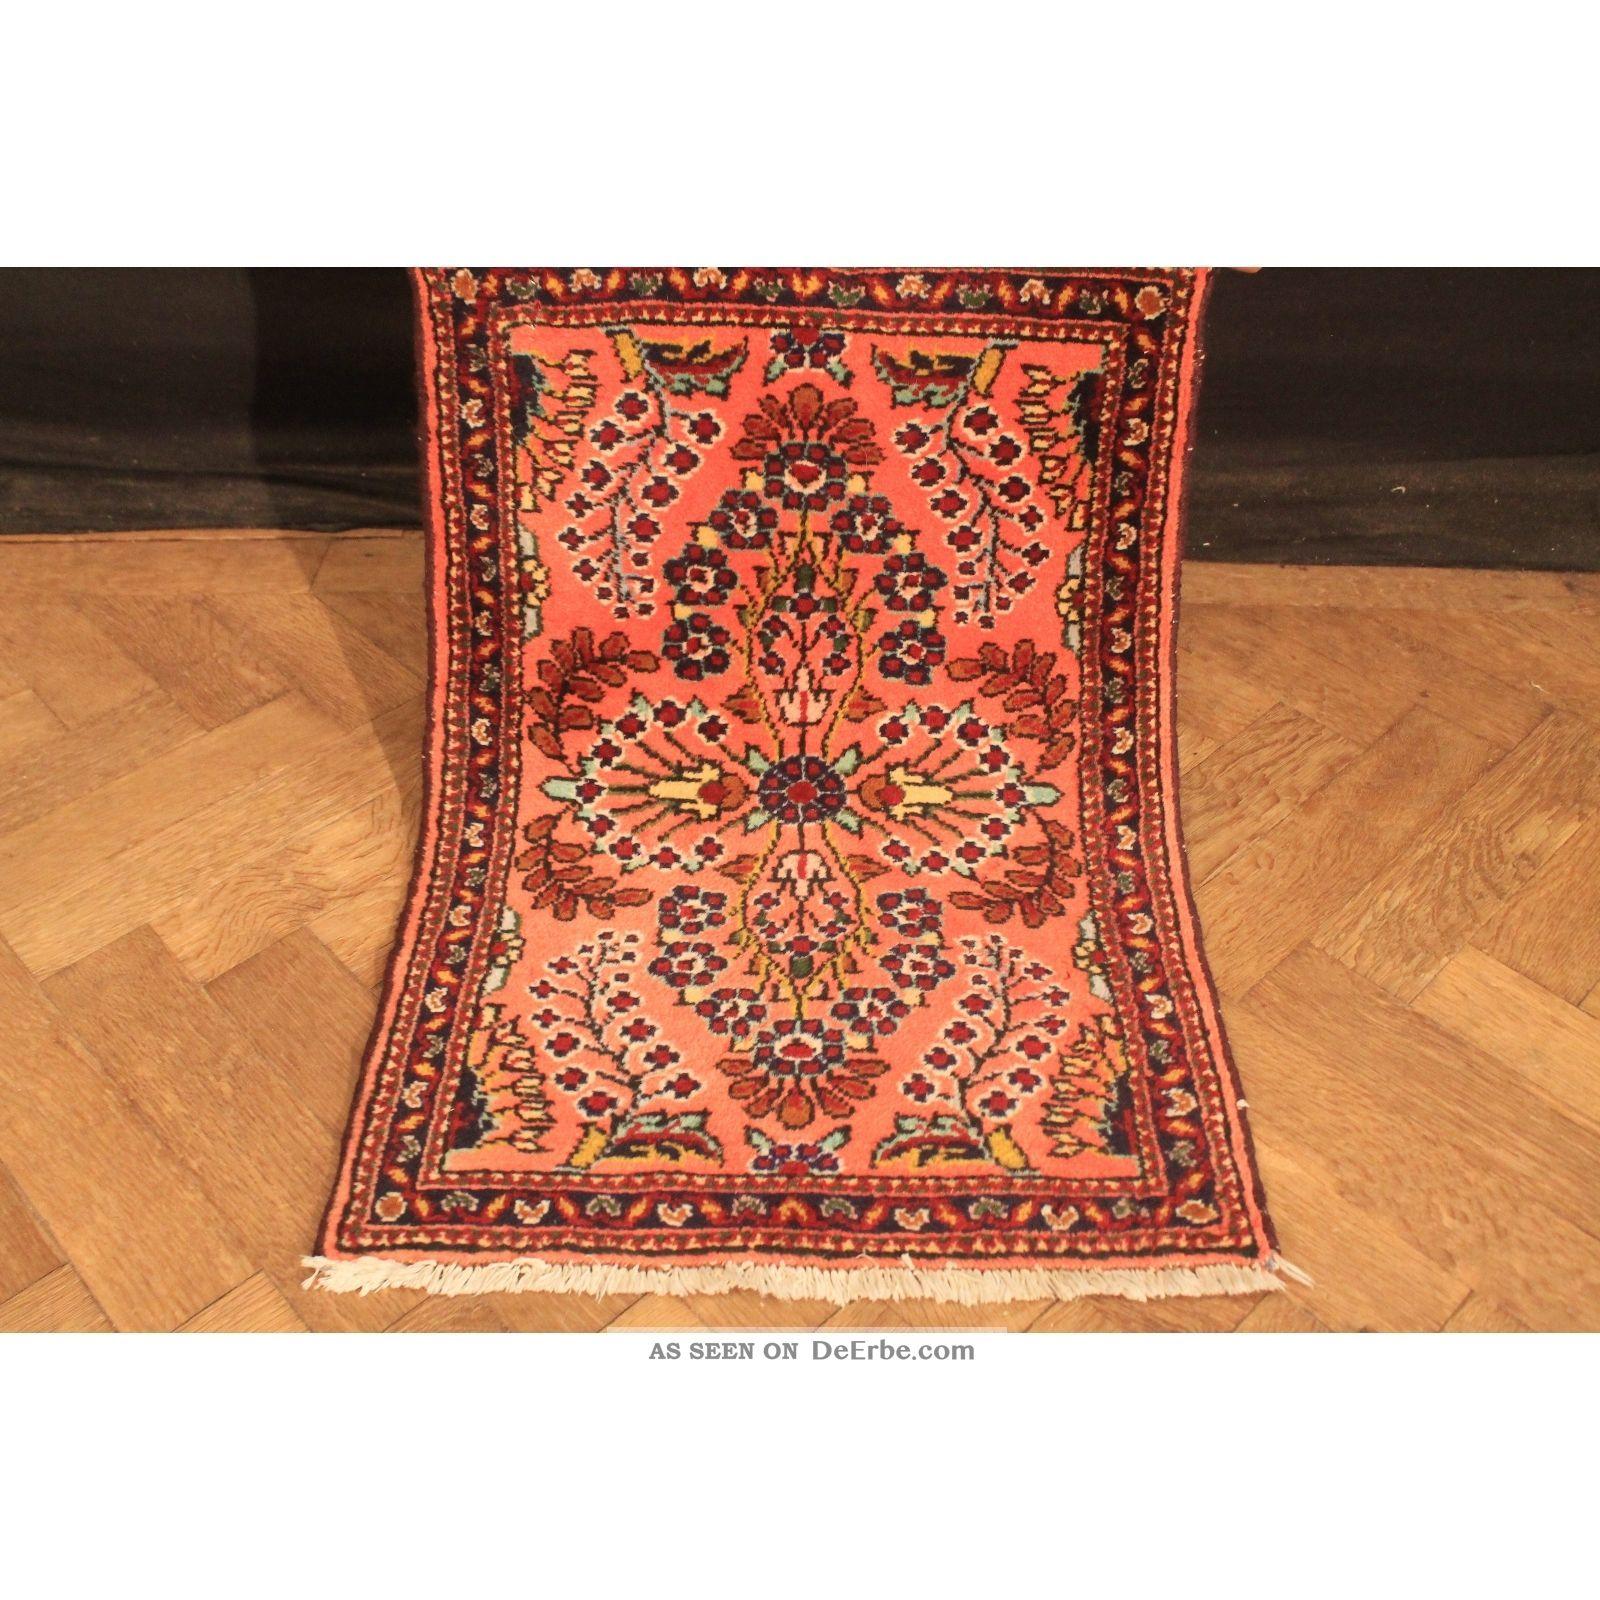 Fein Handgeknüpft Blumen Perser Teppich Re Import Us Sarug Carpet Tappeto Tapis Teppiche & Flachgewebe Bild